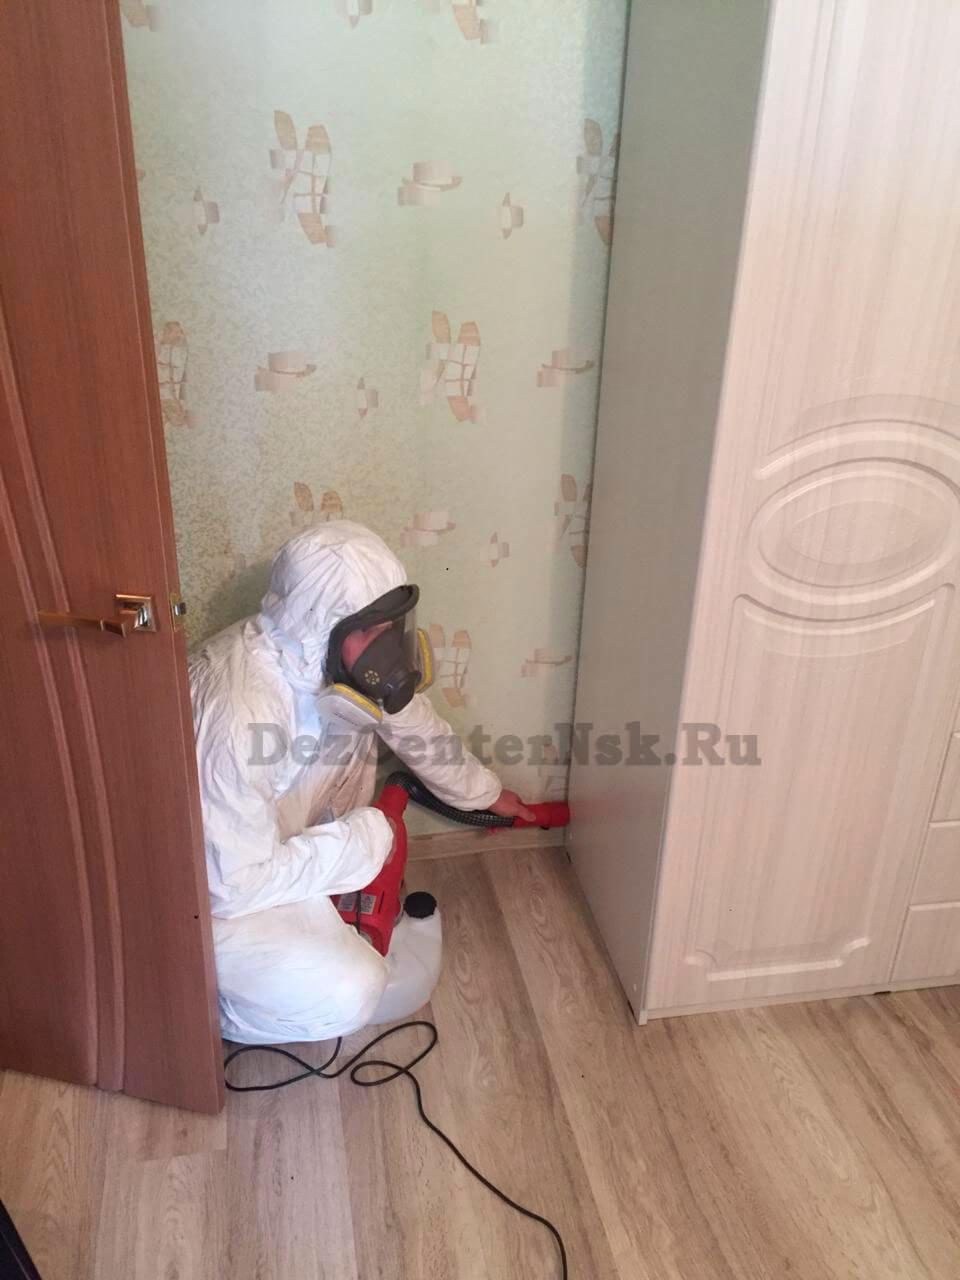 дезинфекция клопов в квартире